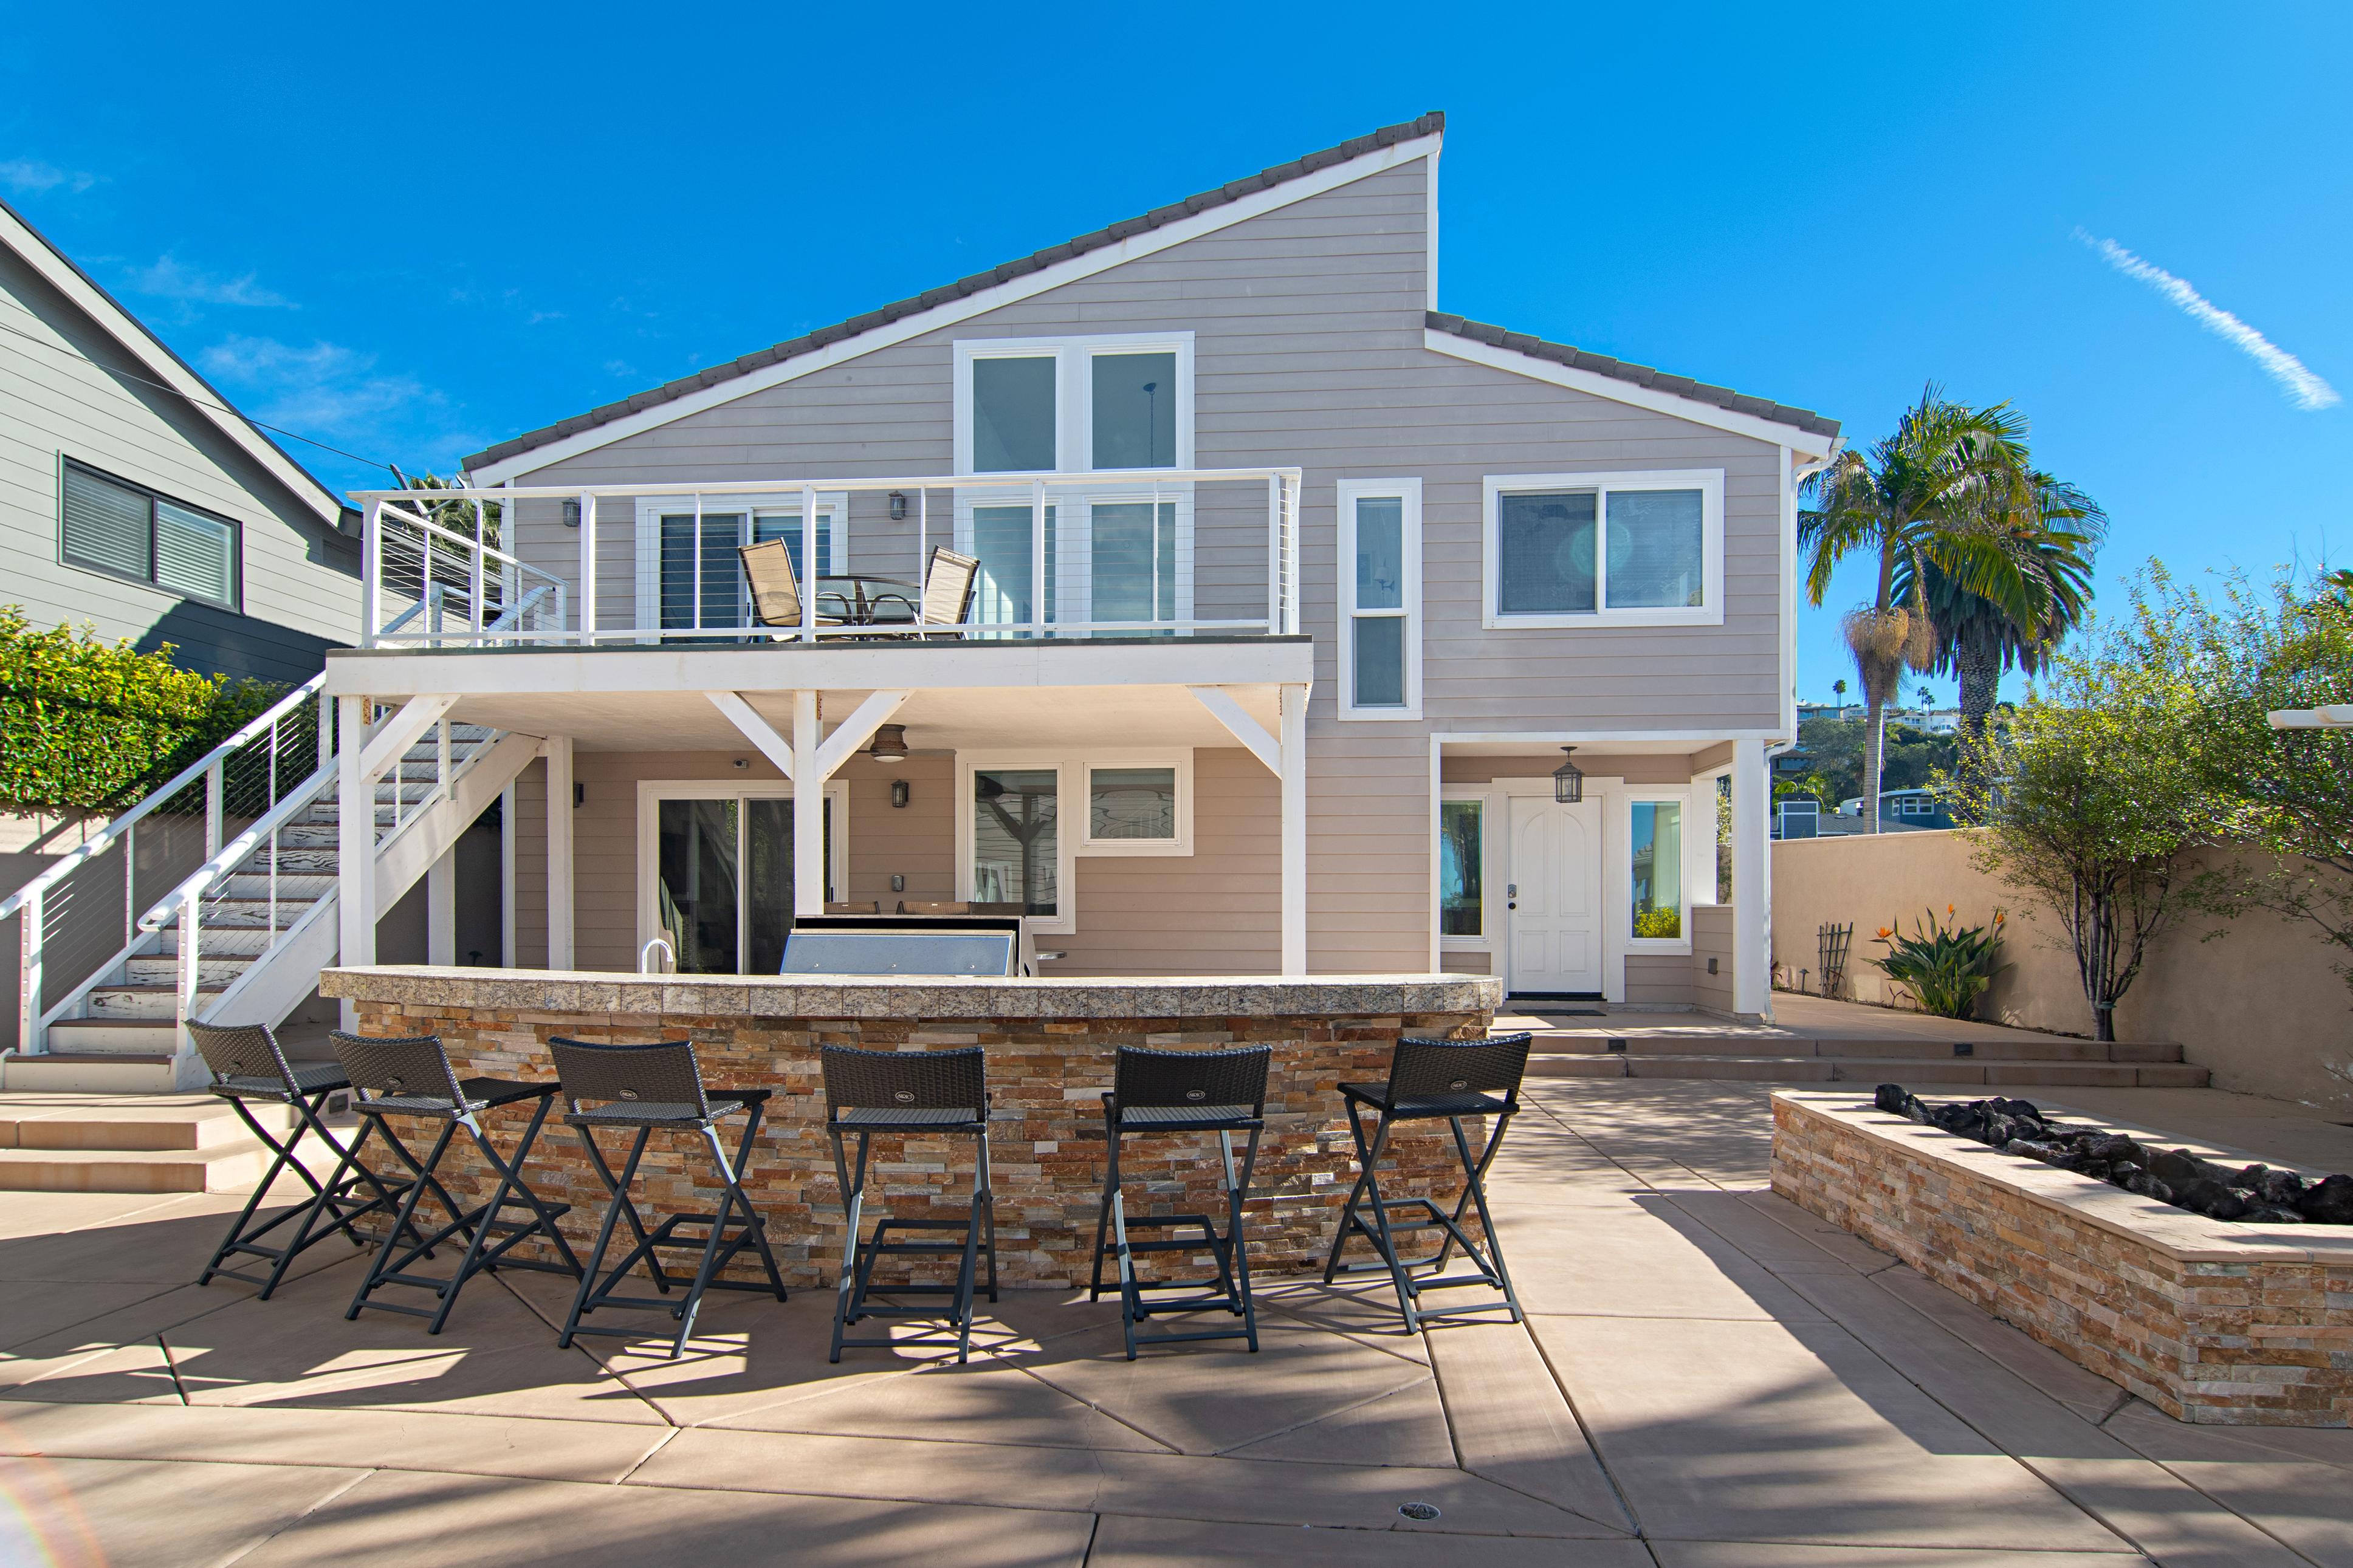 La Jolla CA Vacation Rental Welcome to La